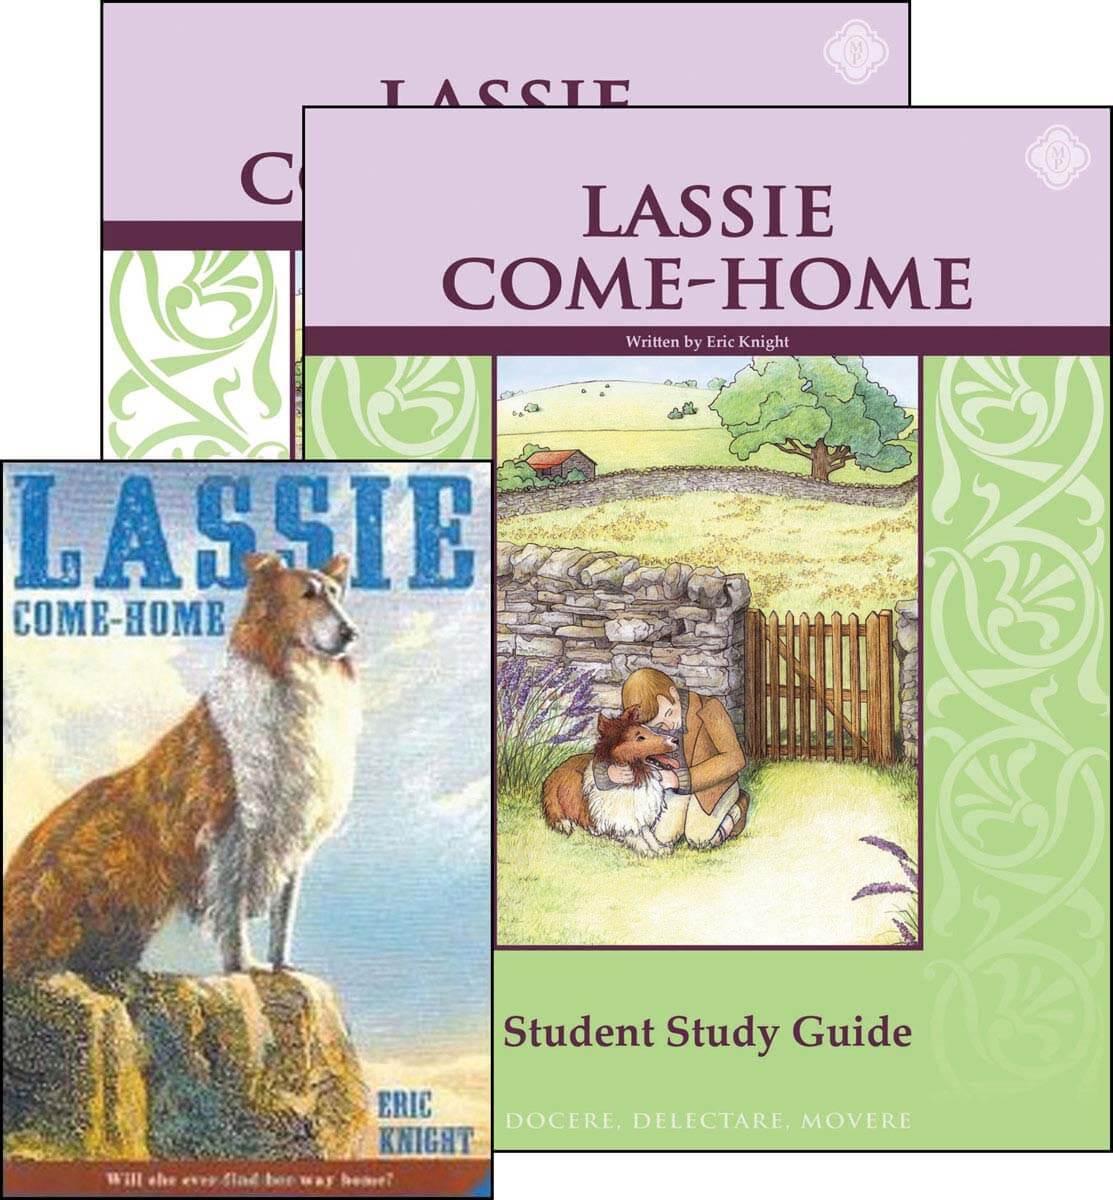 Lassie Come-Home Set